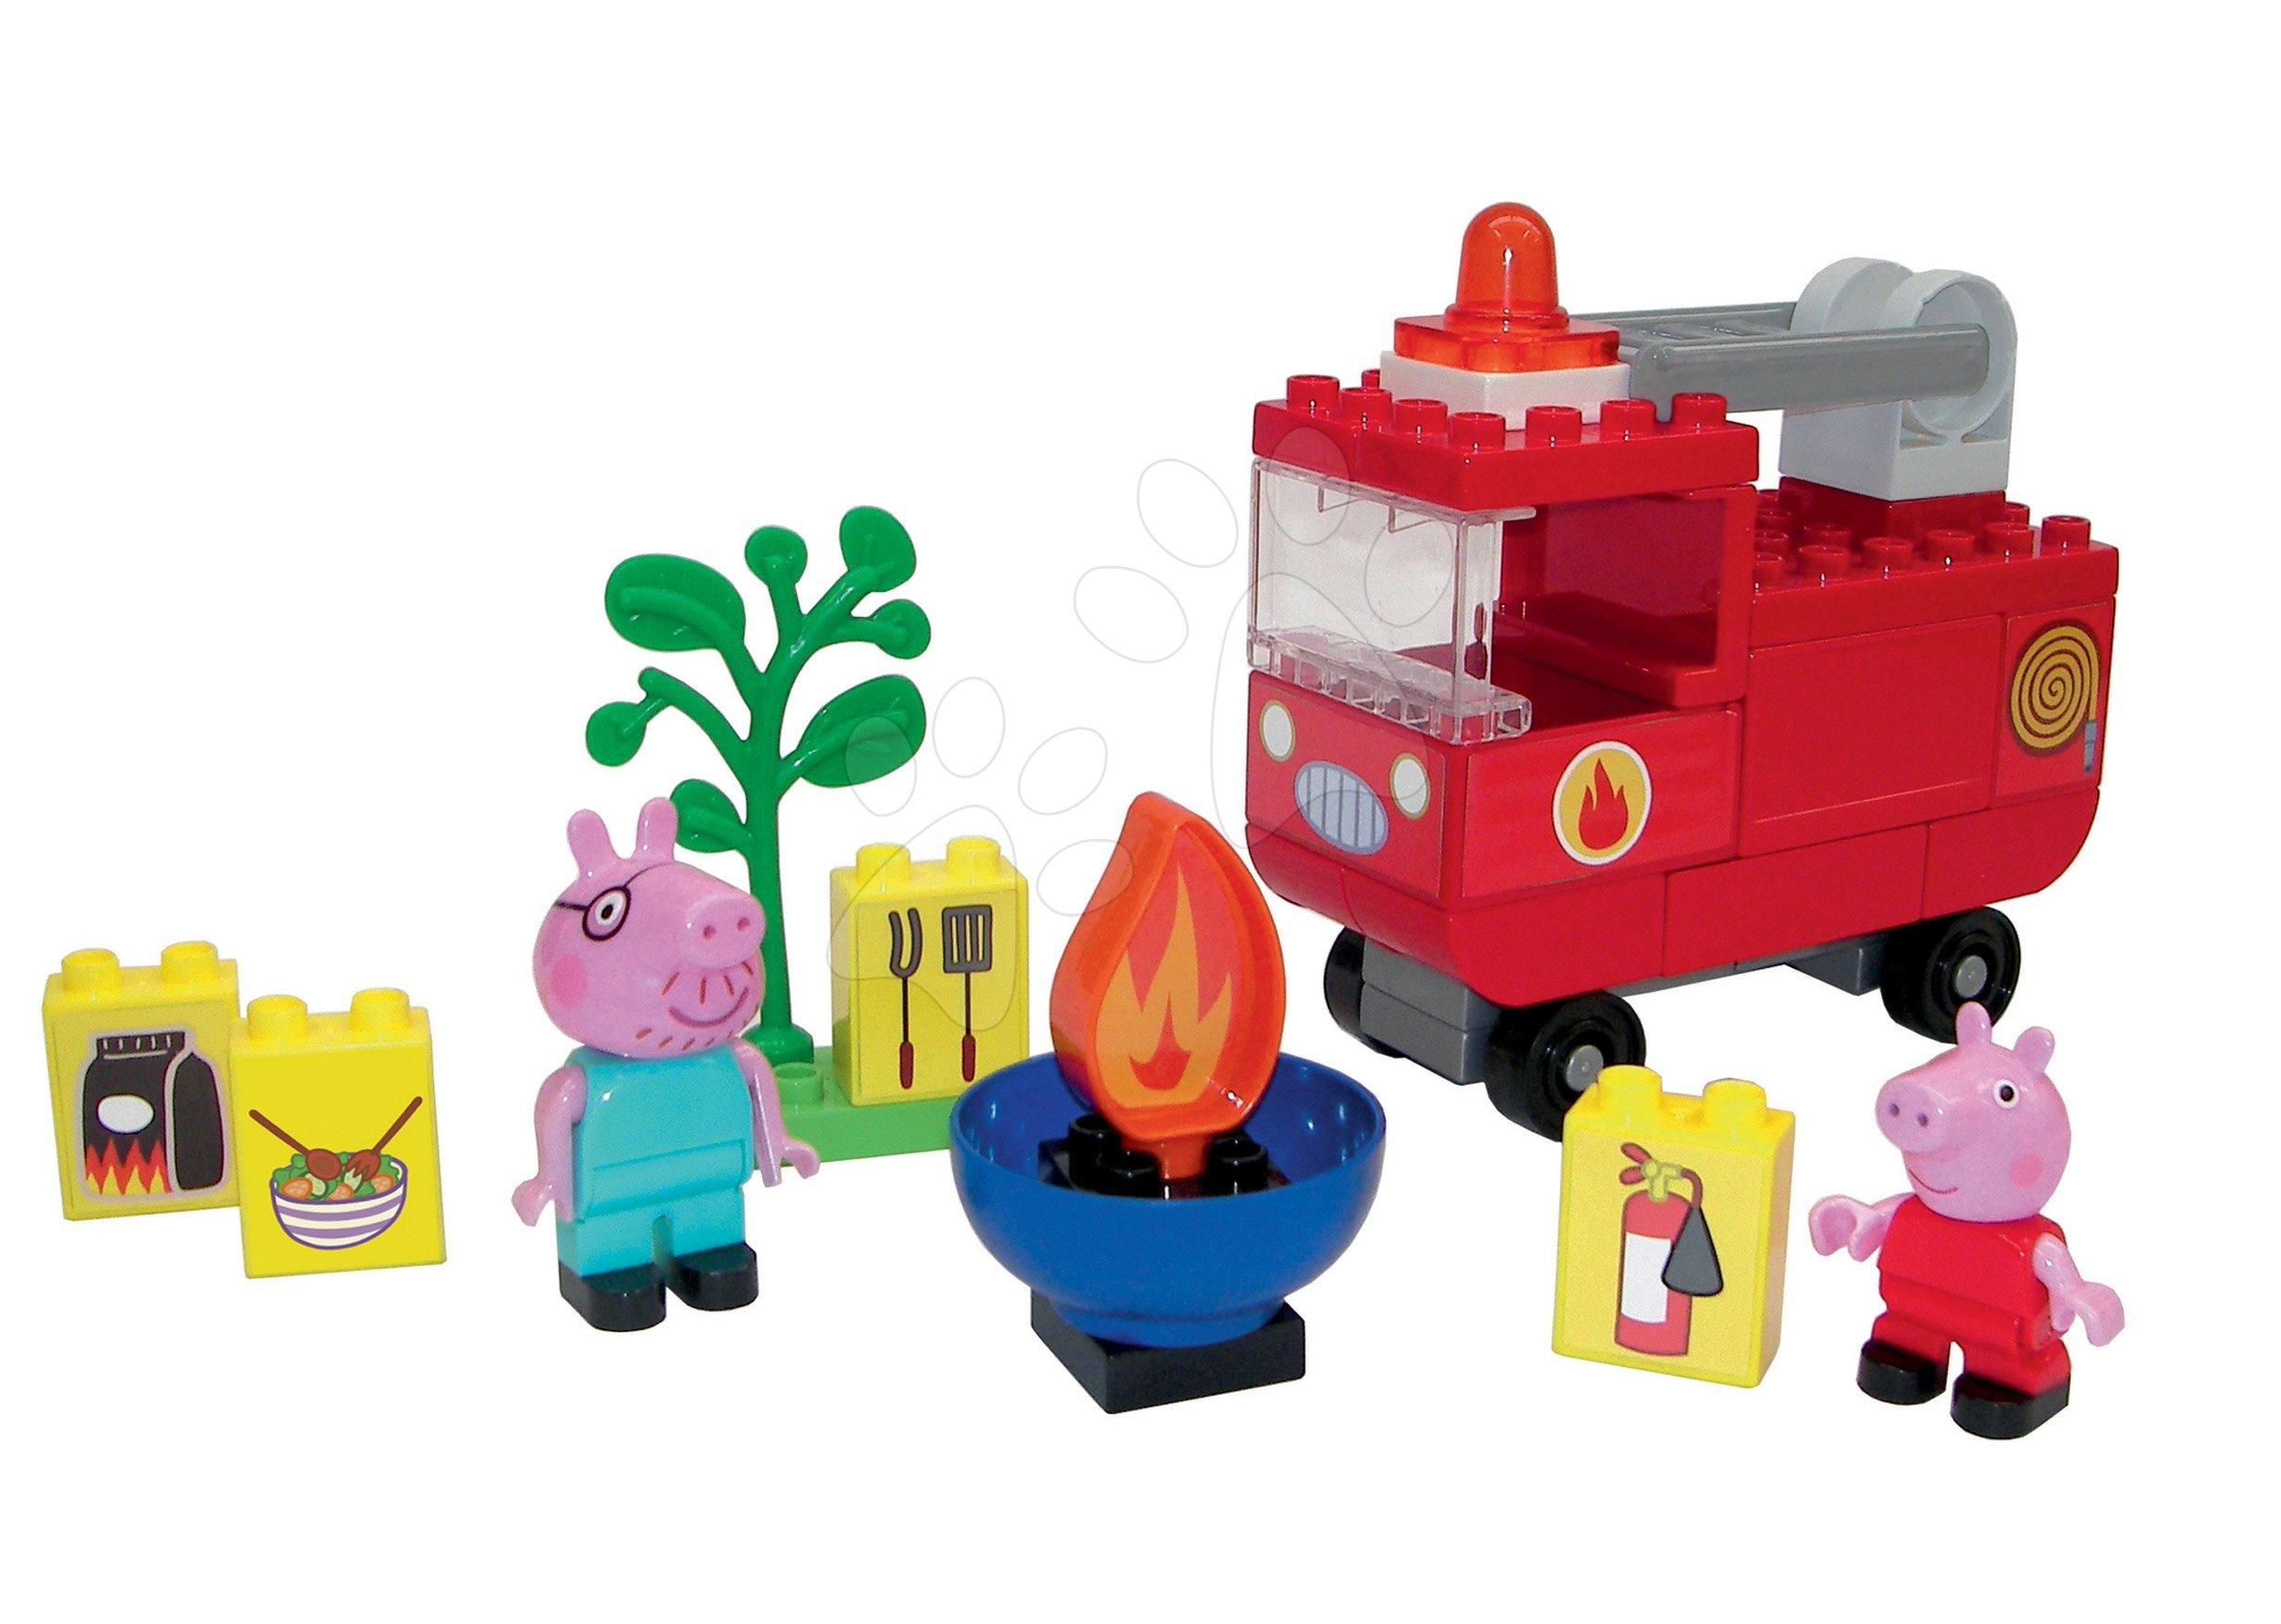 Stavebnice Peppa Pig Fire Engine PlayBIG Bloxx BIG Hasičské auto s 2 figurkami 40 dílů od 18 měsíců